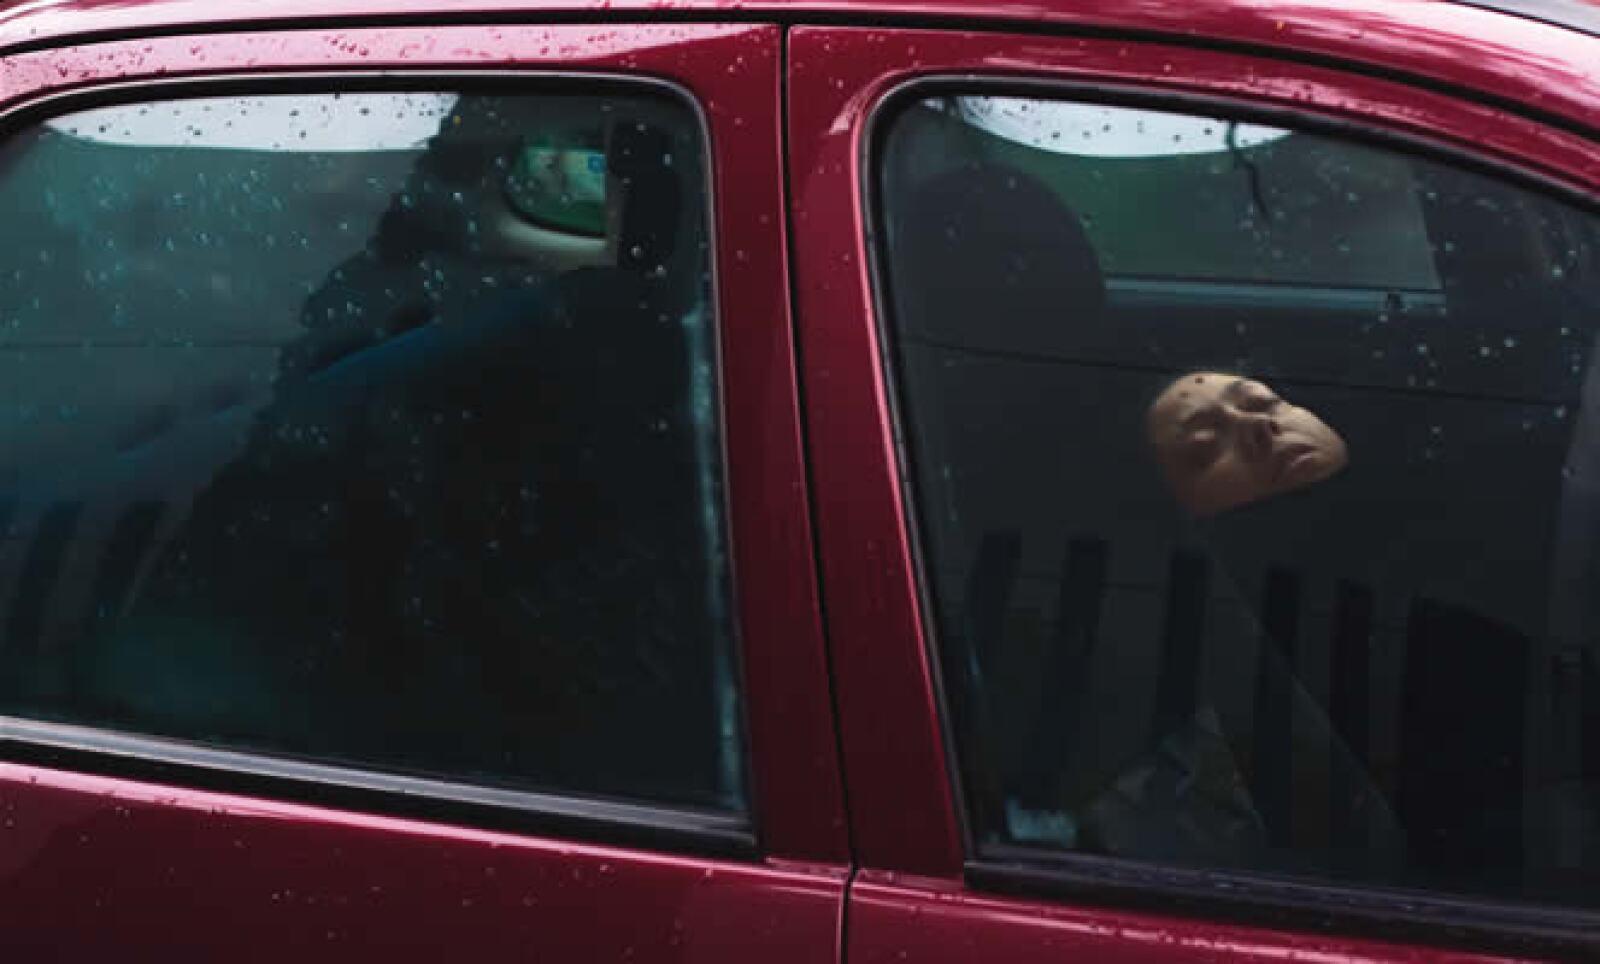 26 MDP han gastado las aseguradoras mexicanas en el pago de indemnizaciones a 190 personas contagiadas. Afuera del INER, las personas duermen en sus autos mientras esperan noticias de sus familiares.